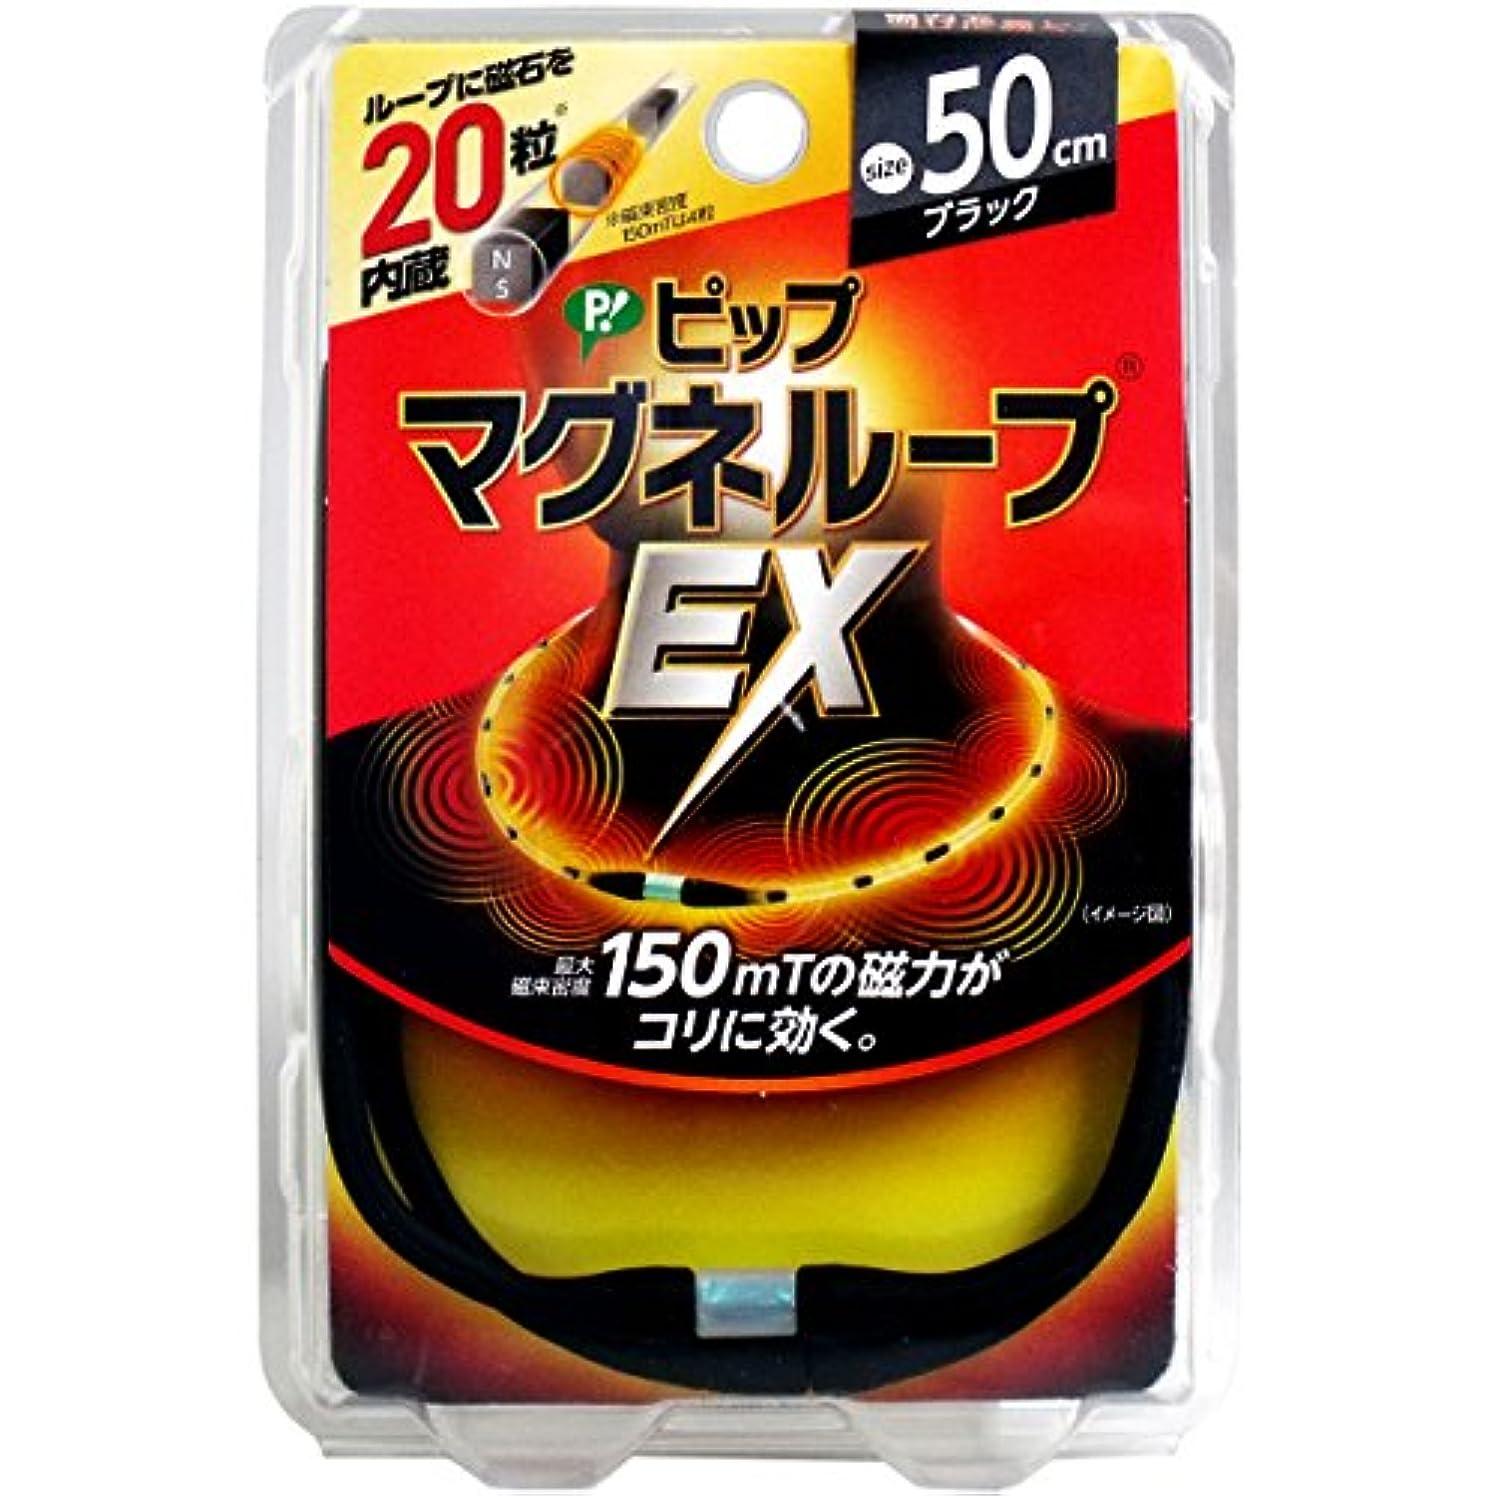 スナップ人質噂【ピップ】マグネループEX 高磁力タイプ ブラック 50cm ×3個セット